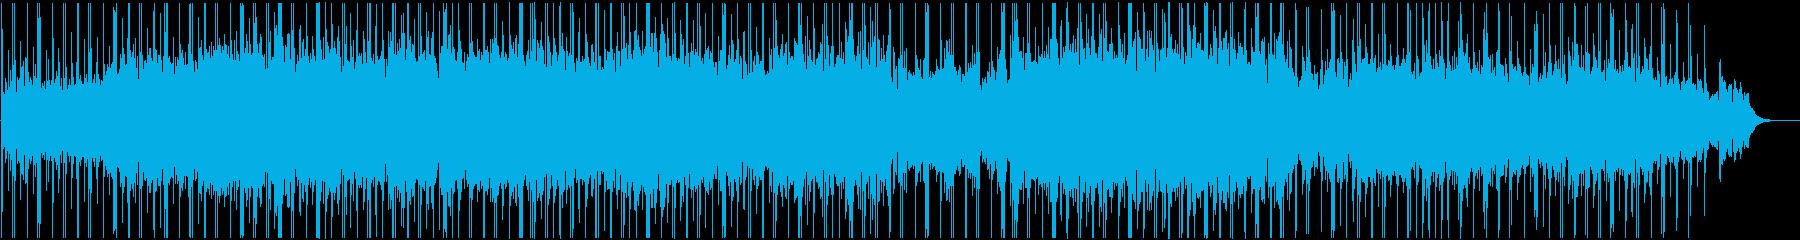 夢の中の「月光」(ベートーヴェン)の再生済みの波形